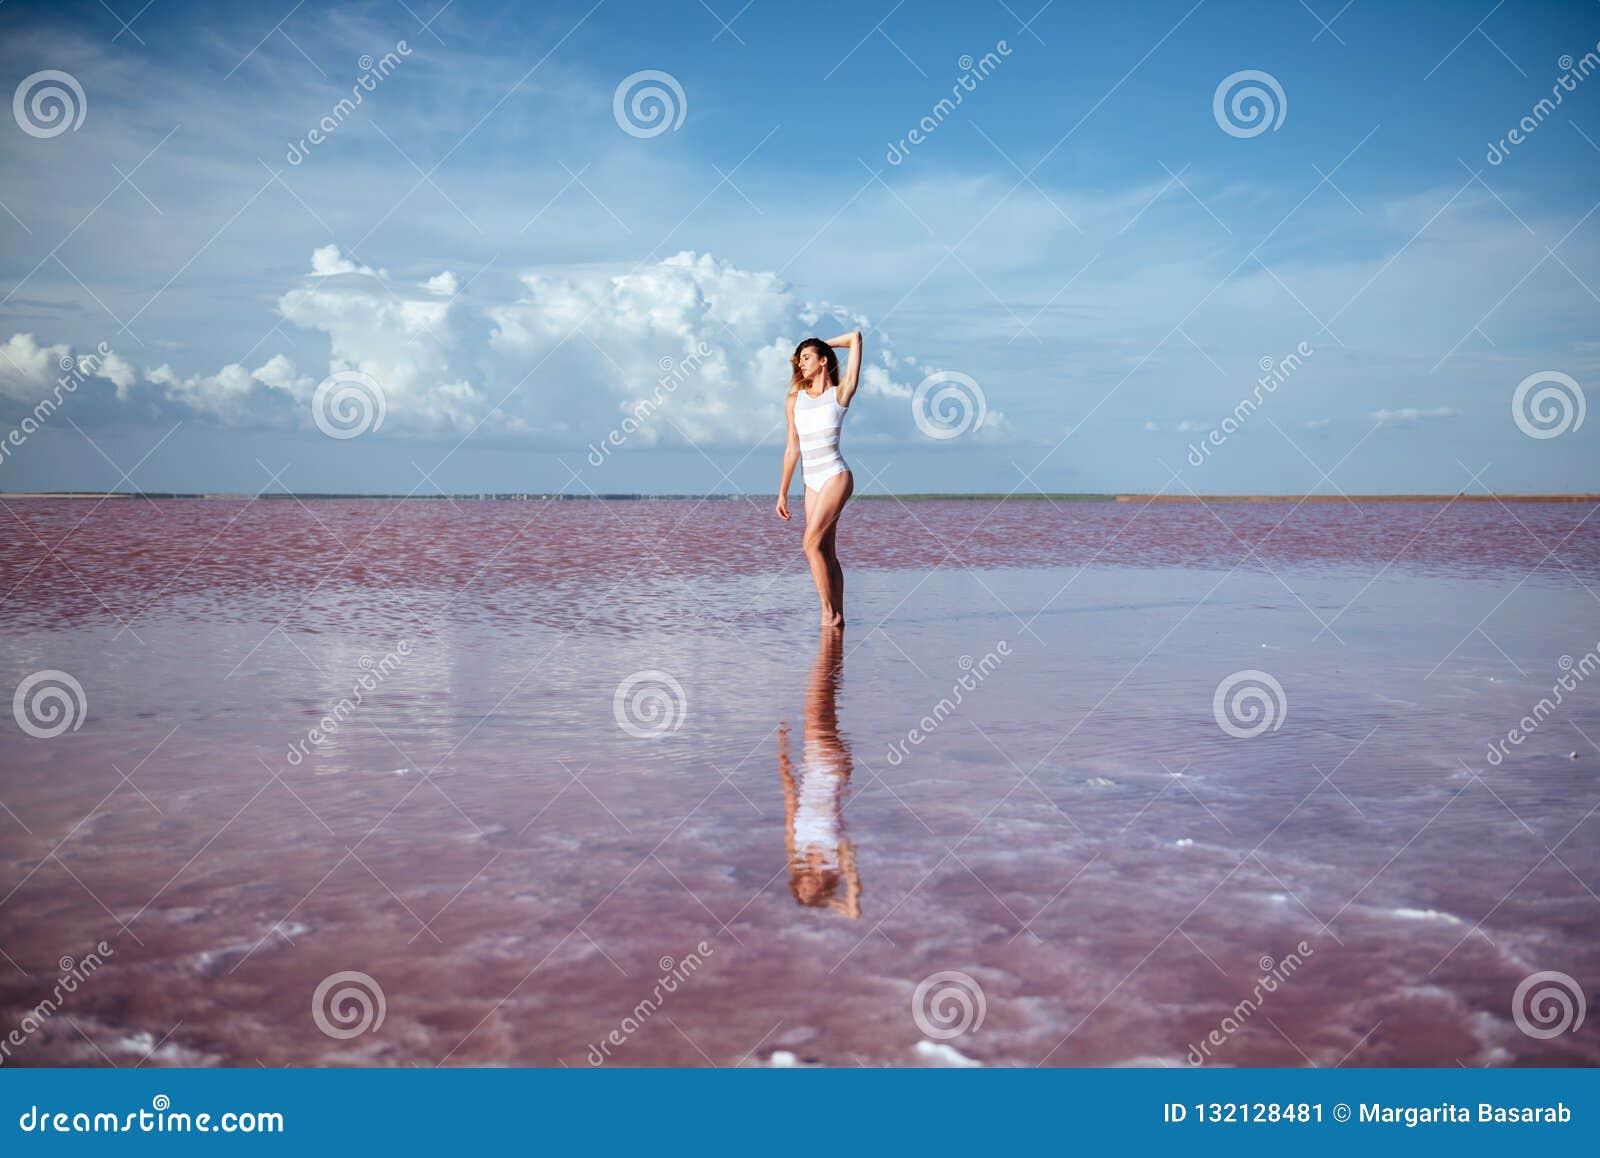 Dança da mulher elegante na água